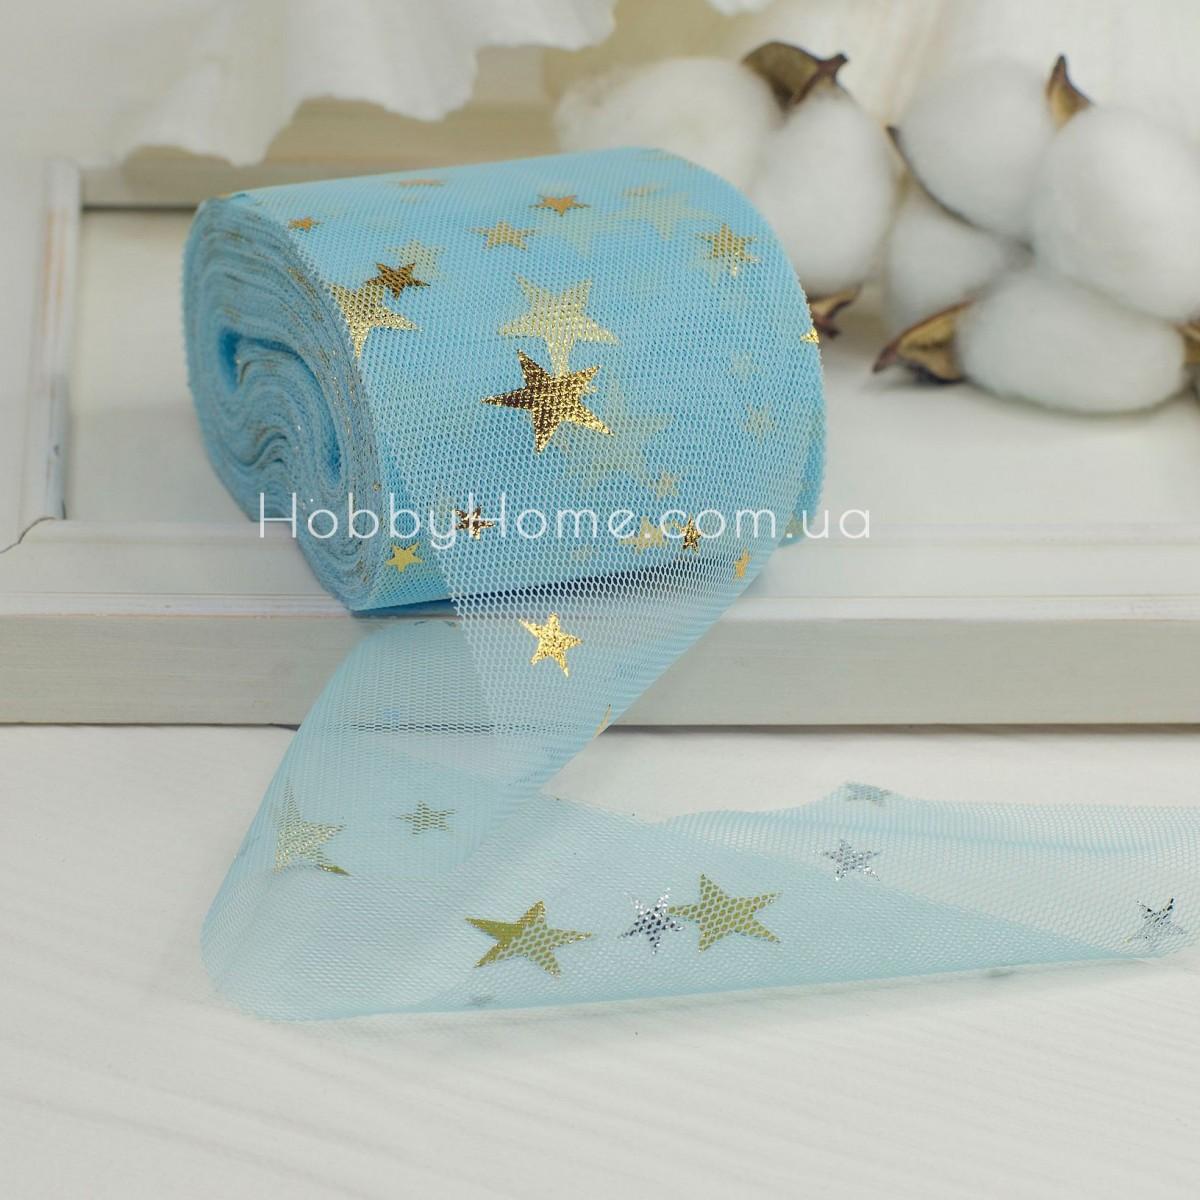 Фатин м'який з золотими зірками 6см , блакитний